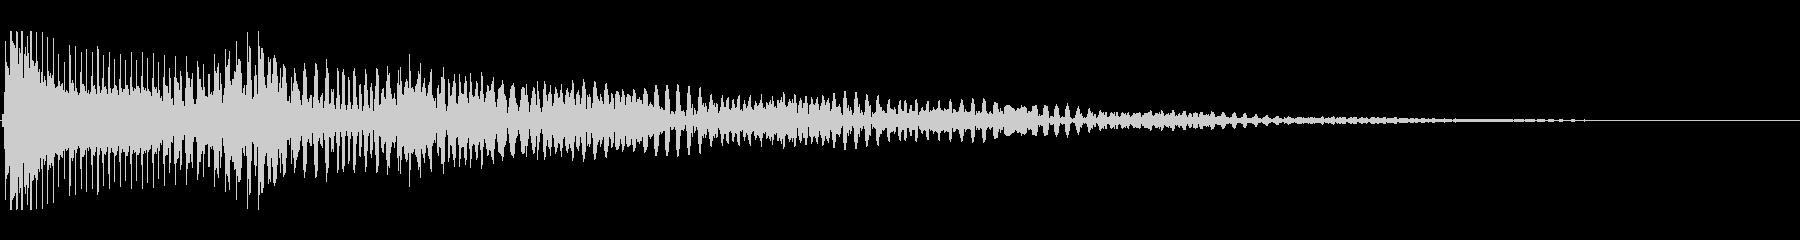 ボヨヨーン 口琴の未再生の波形